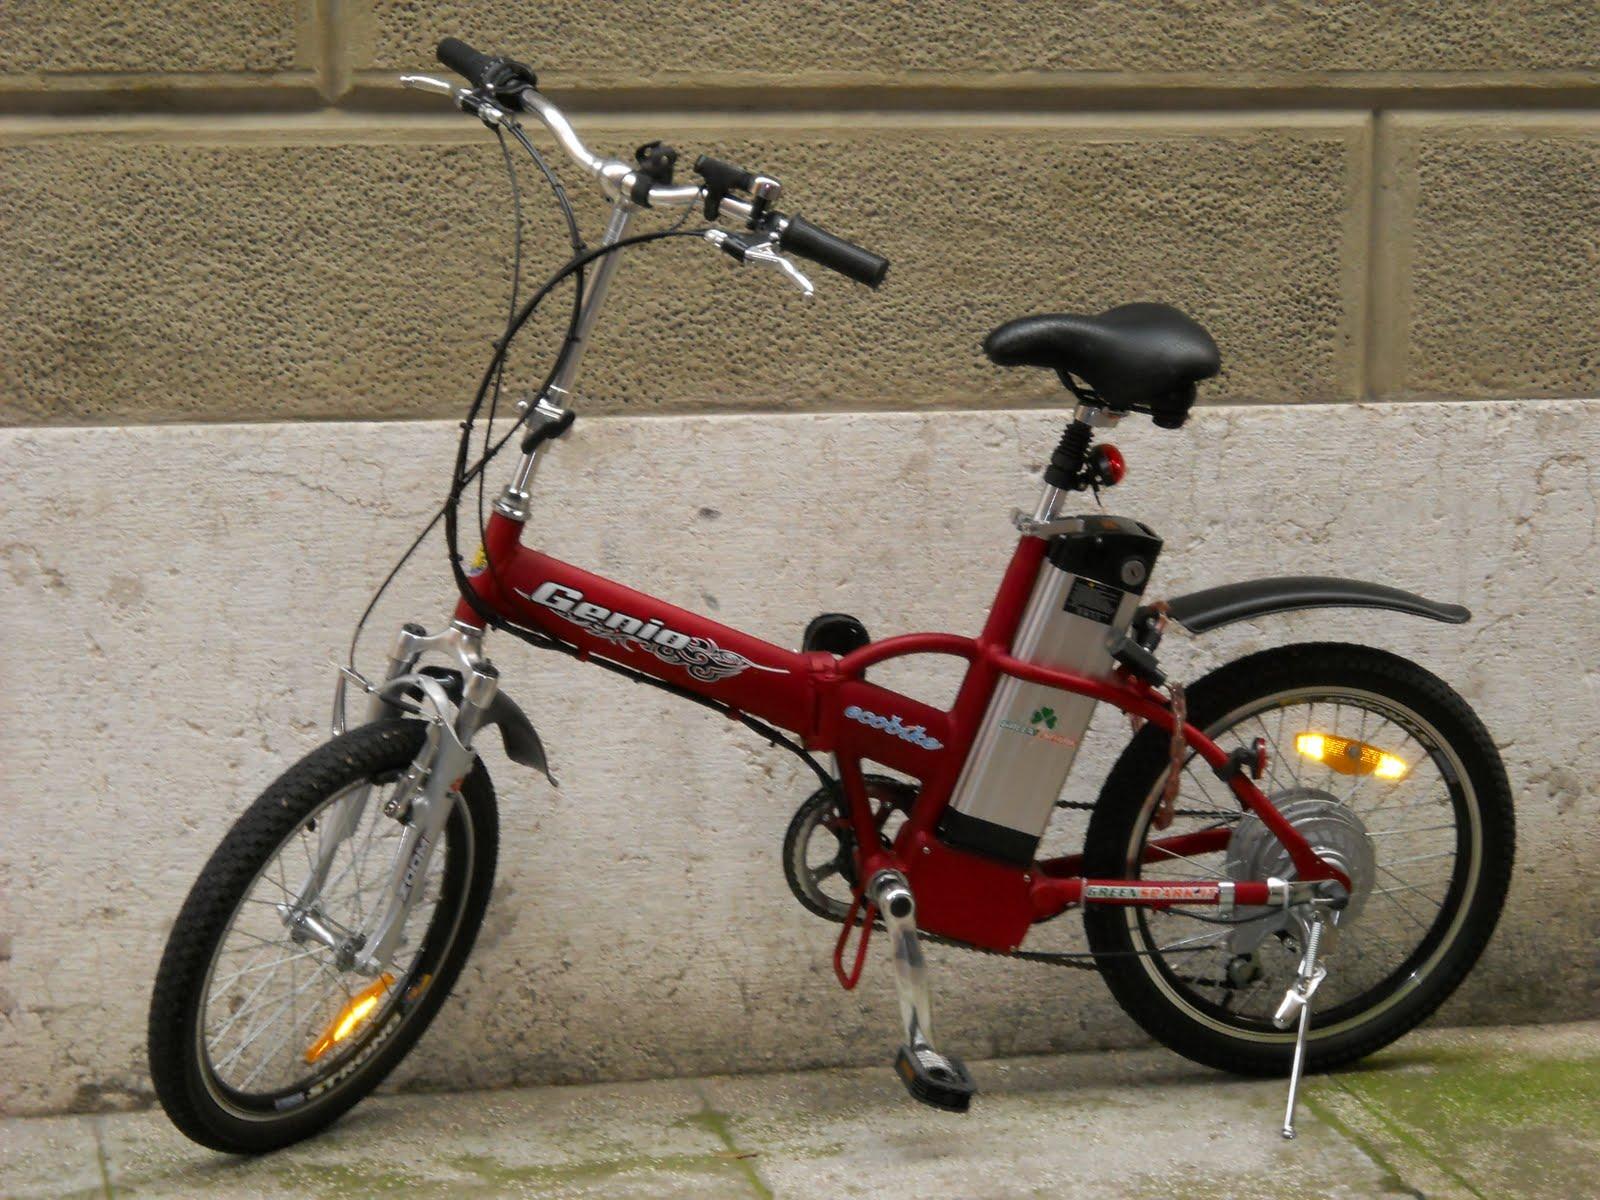 Risparmiare sui consumi di carburante bici pieghevole for Bici pieghevole milano